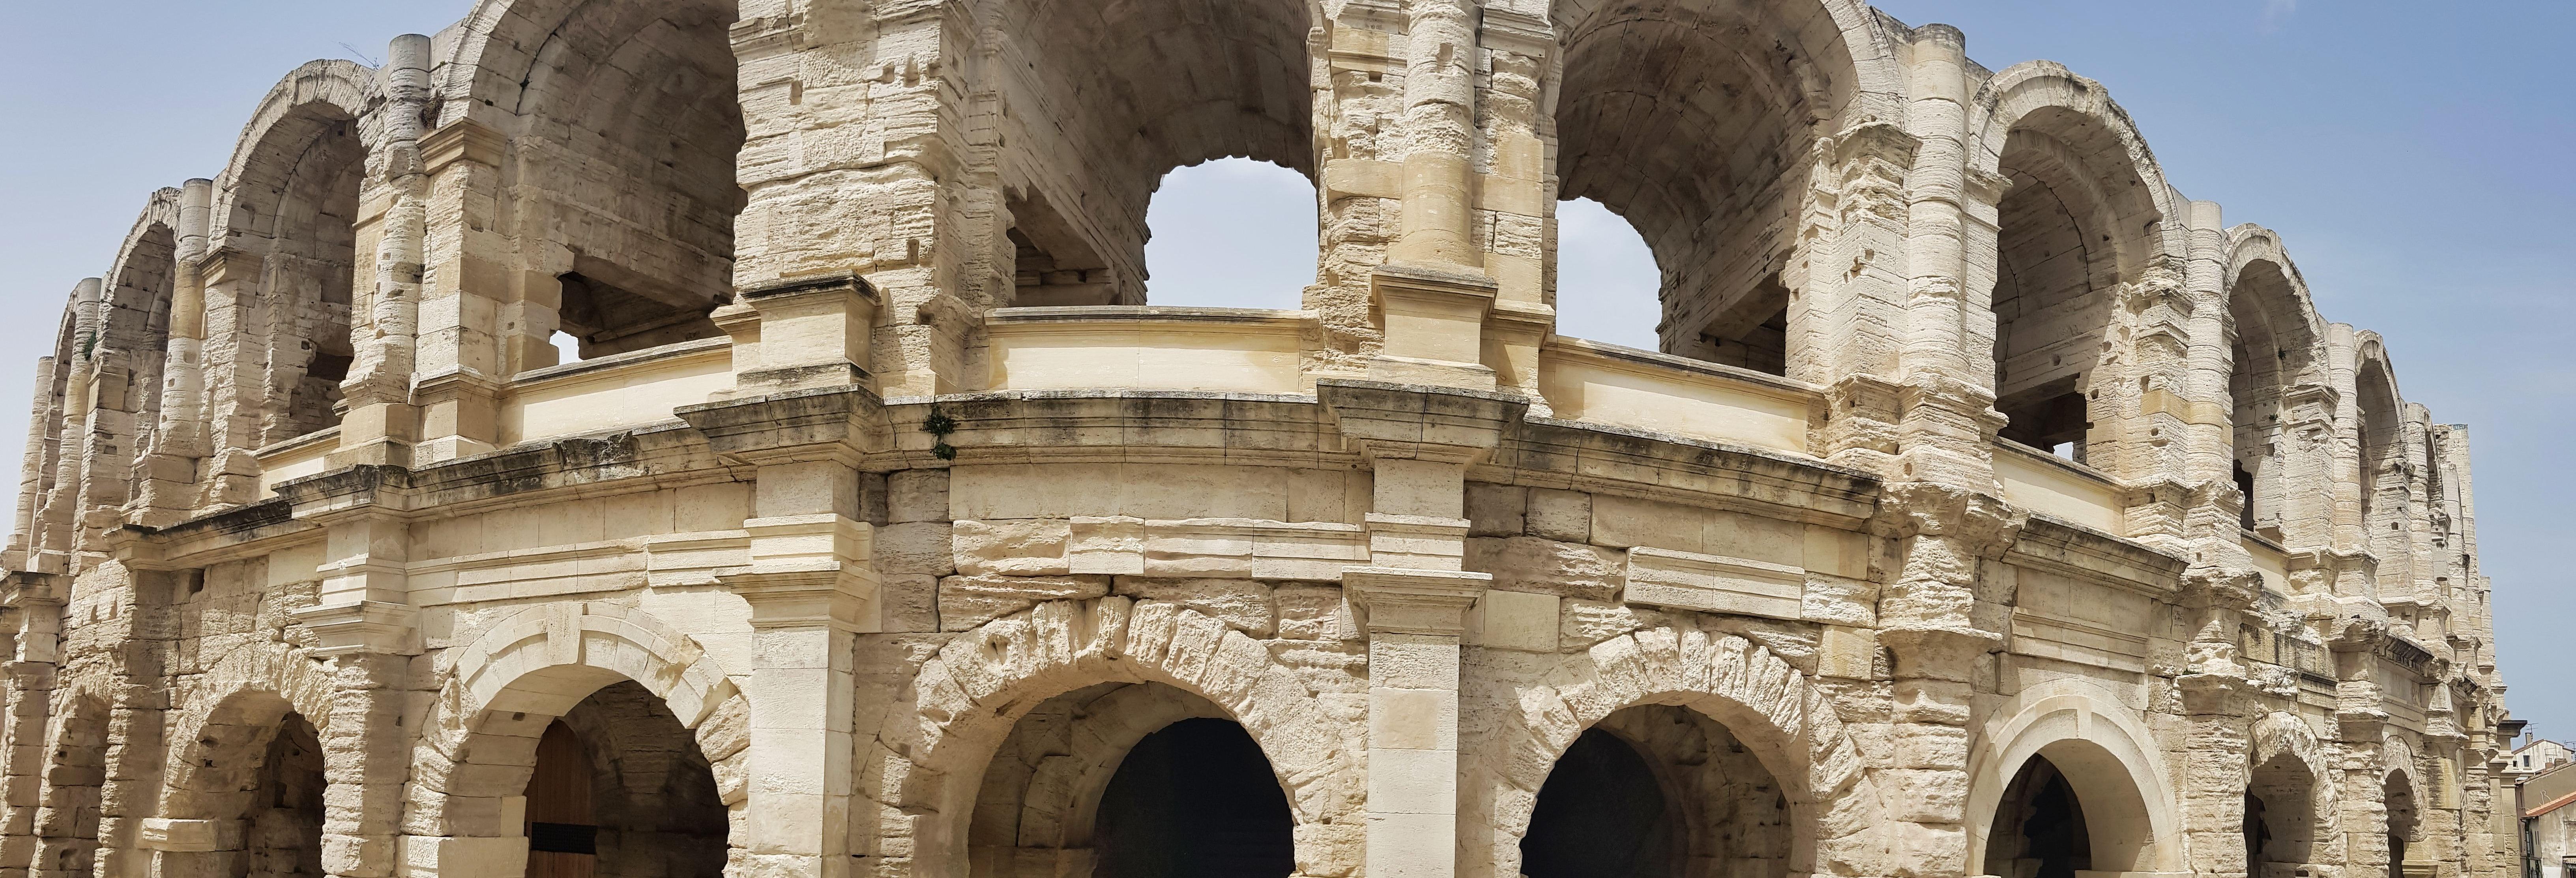 Excursion aux Baux, Arles, Saint-Rémy et Châteauneuf-du-Pape